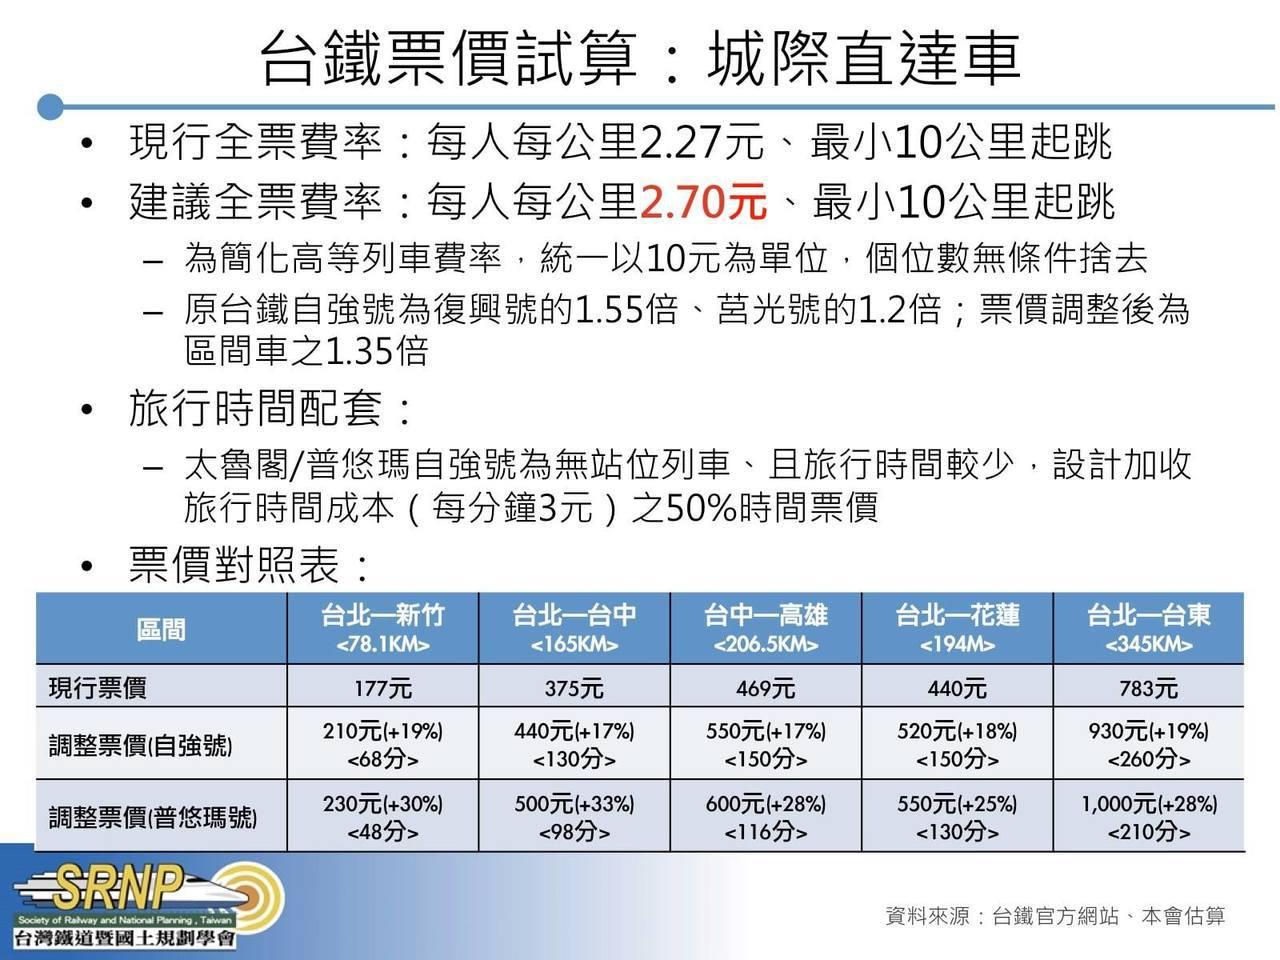 台灣鐵道暨國土規劃學會試算台鐵普悠瑪、自強號票價。圖/台灣鐵道暨國土規劃學會提供